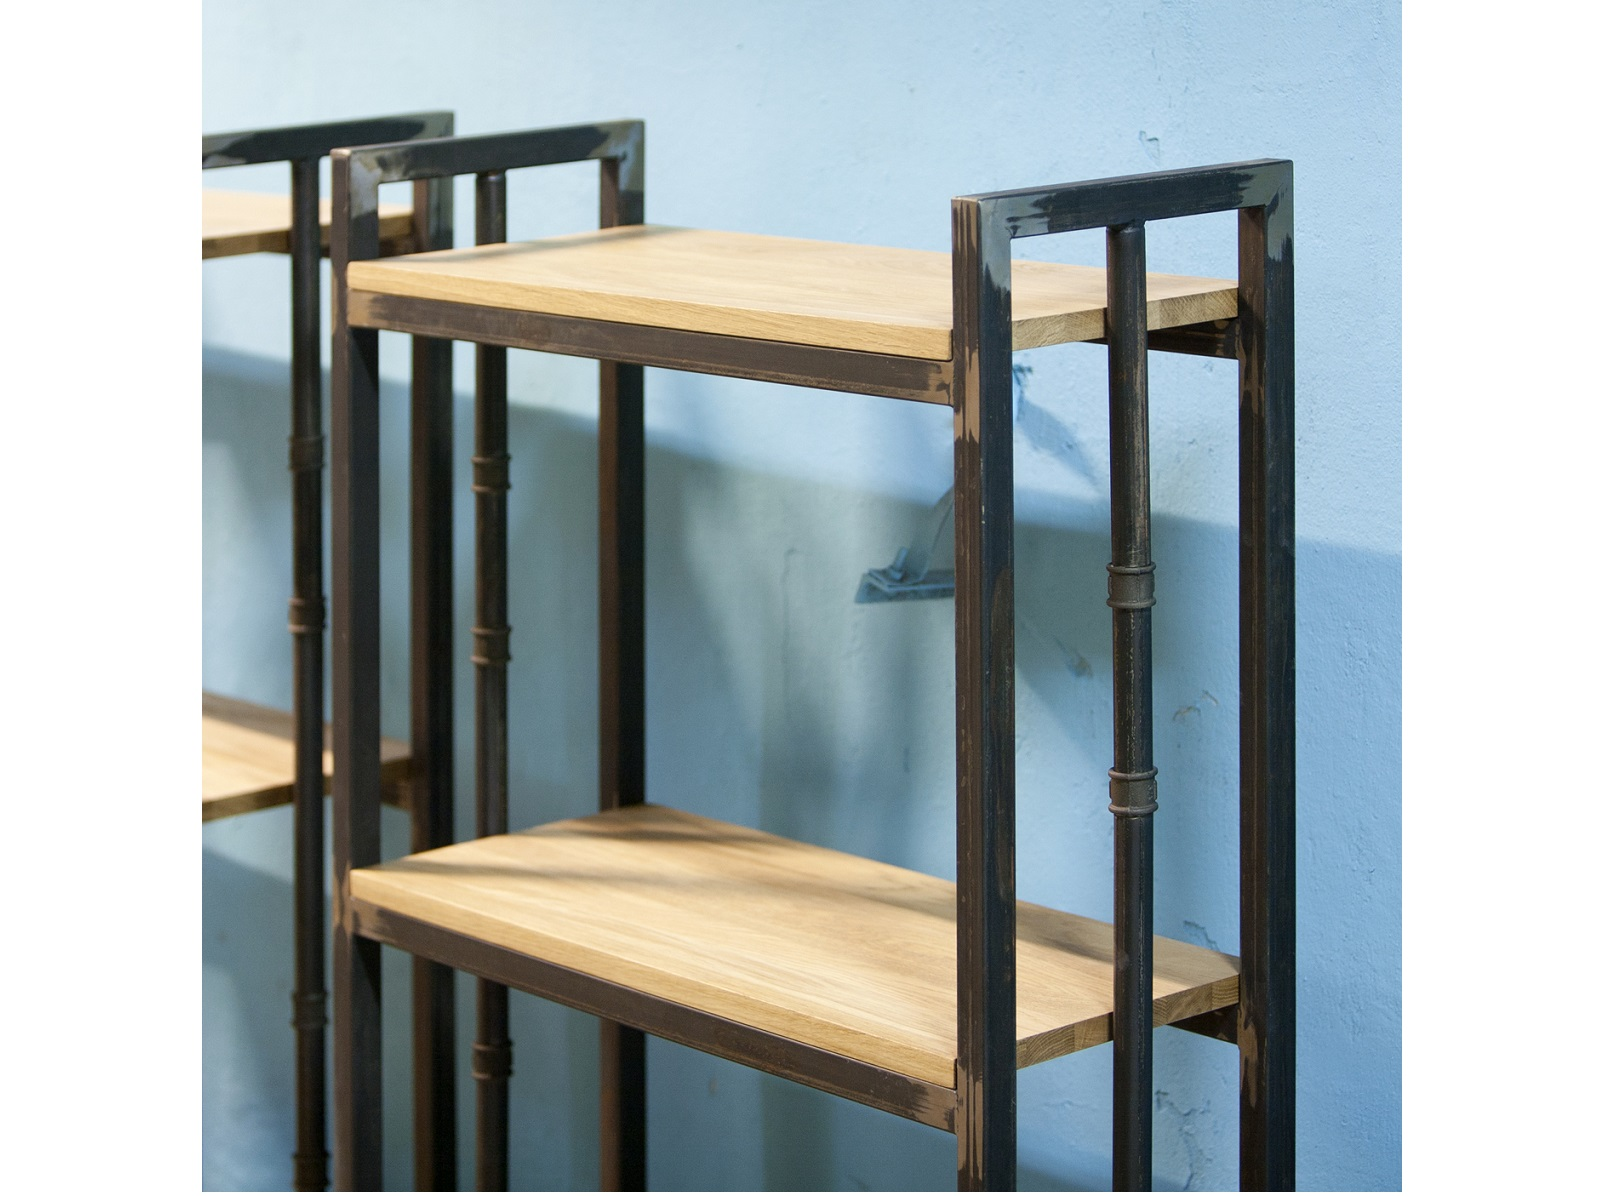 Стеллаж Old zinger oakСтеллажи и этажерки<br>&amp;lt;div&amp;gt;&amp;lt;div&amp;gt;&amp;lt;div&amp;gt;Материалы: дубовый мебельный щит 20мм, труба стальная квадратная 30х30 мм.&amp;lt;/div&amp;gt;&amp;lt;div&amp;gt;&amp;lt;br&amp;gt;&amp;lt;/div&amp;gt;Особенности: возможно устройство дополнительной полки / возможны отверстия для крепления к стене / возможен вырез под плинтус / на основание крепится мебельный войлок&amp;lt;div&amp;gt;Возможно изготовление в других размерах и отделке. Подробности уточняйте у менеджера.&amp;lt;/div&amp;gt;&amp;lt;/div&amp;gt;&amp;lt;/div&amp;gt;&amp;lt;div&amp;gt;&amp;lt;br&amp;gt;&amp;lt;/div&amp;gt;<br><br>Material: Дуб<br>Ширина см: 70<br>Высота см: 180<br>Глубина см: 30